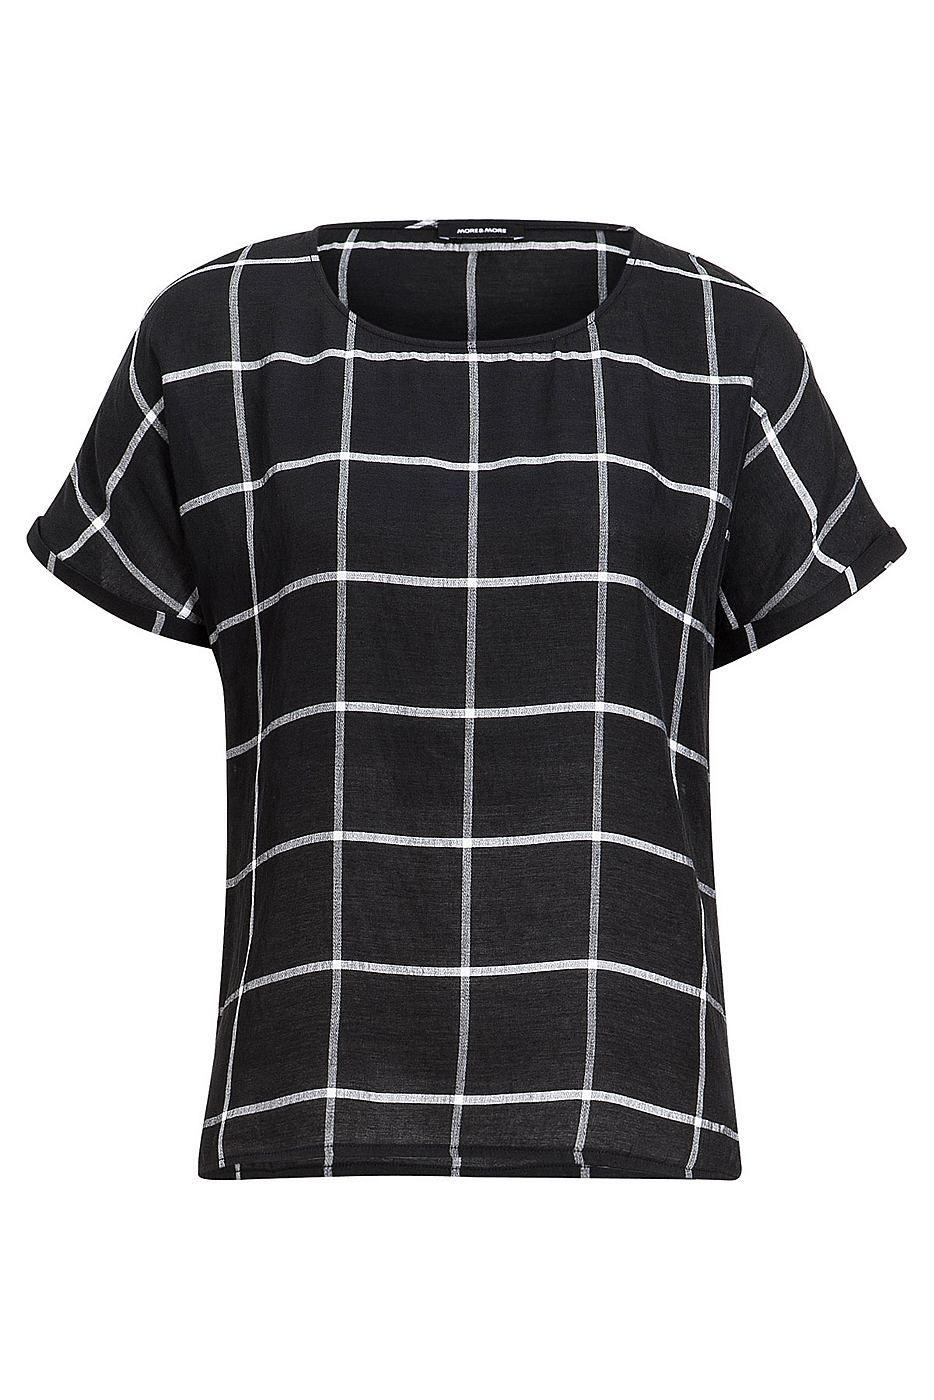 Super-stylishe Bluse von MORE & MORE mit XL-Gitterkaro in weiß auf schwarzem Fond. Material: 71% Viskose, 29% Polyester...